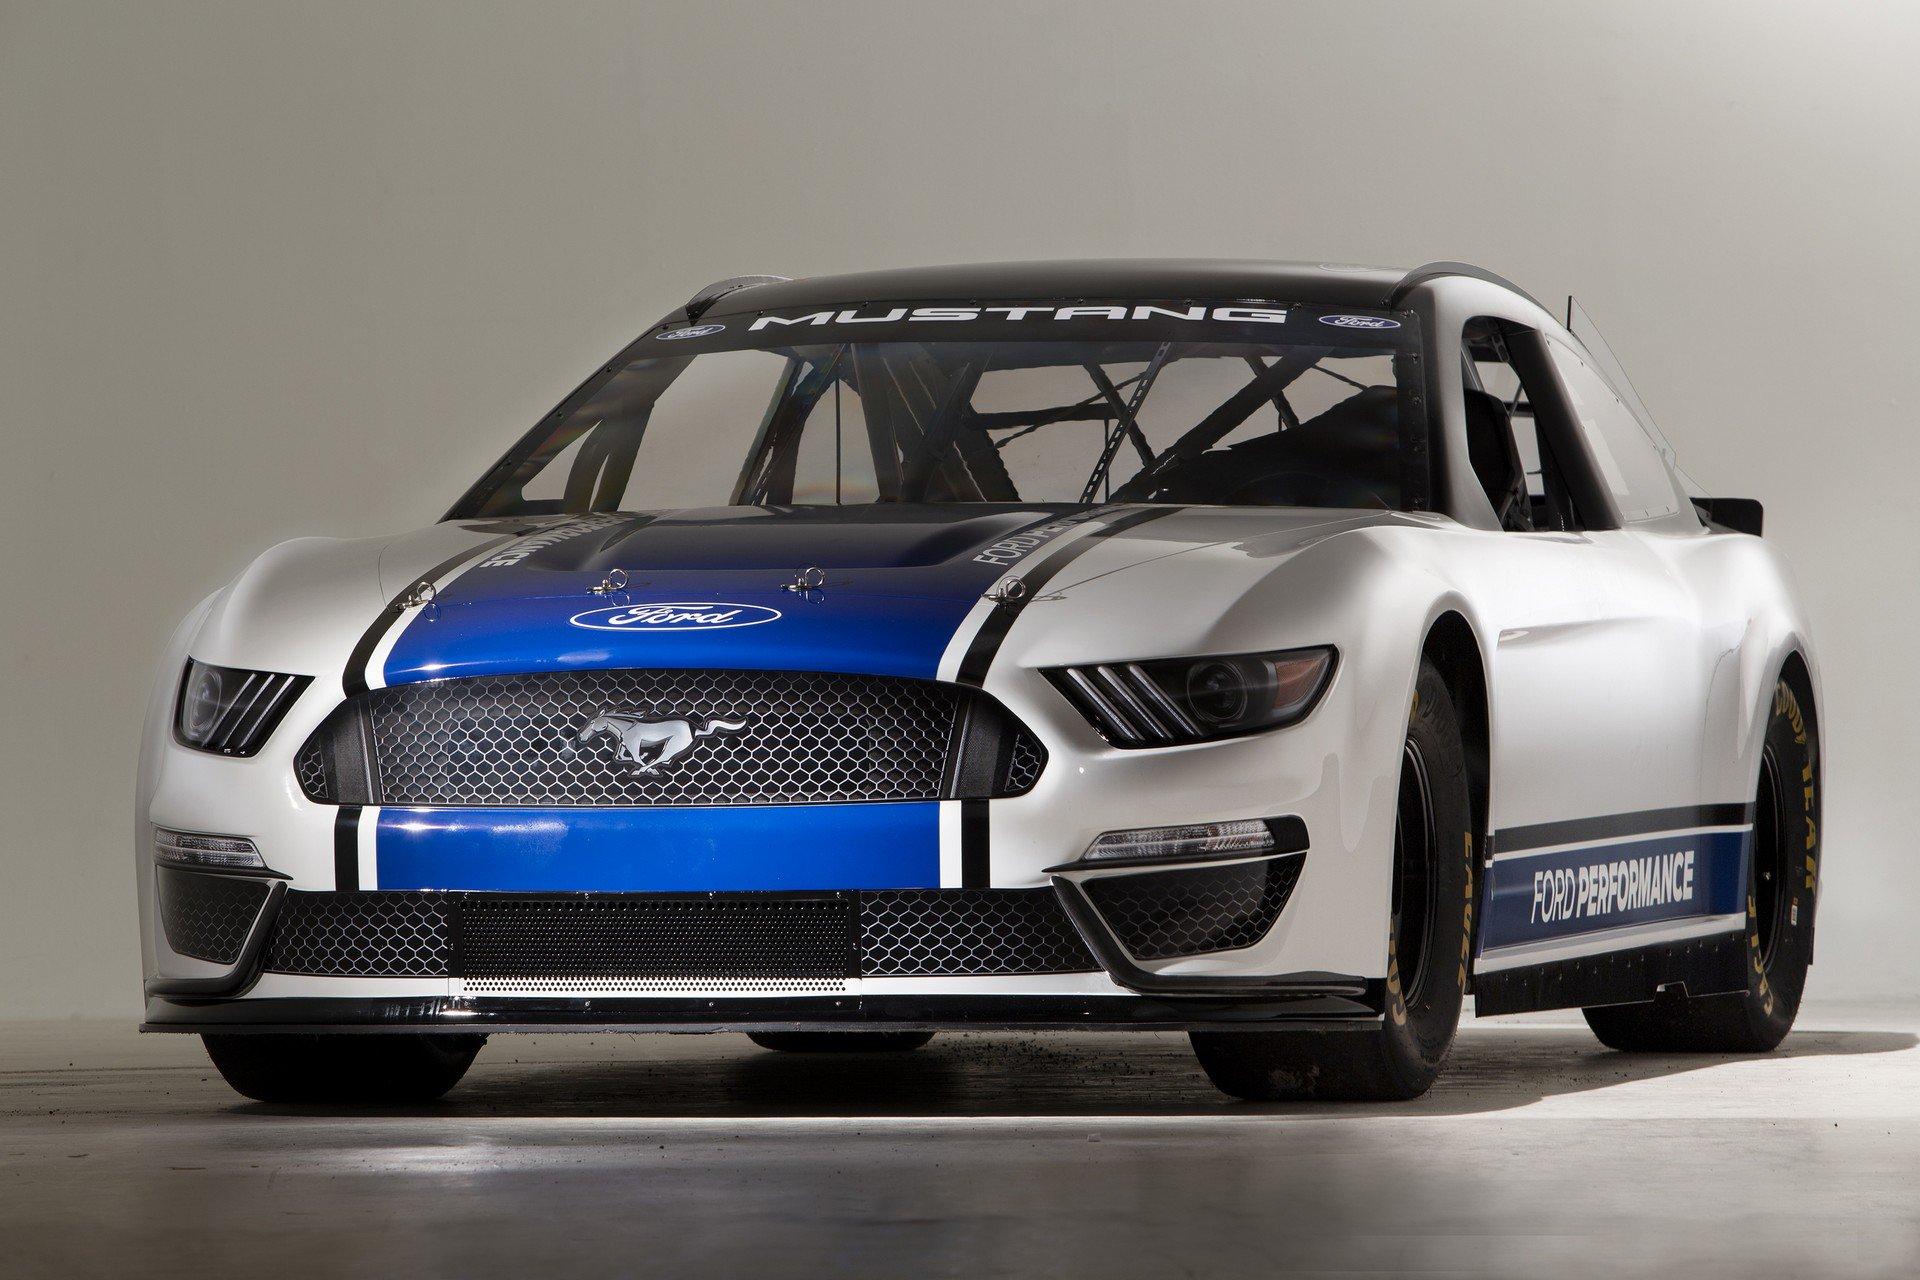 Ford Mustang Monster Energy NASCAR 2019 10